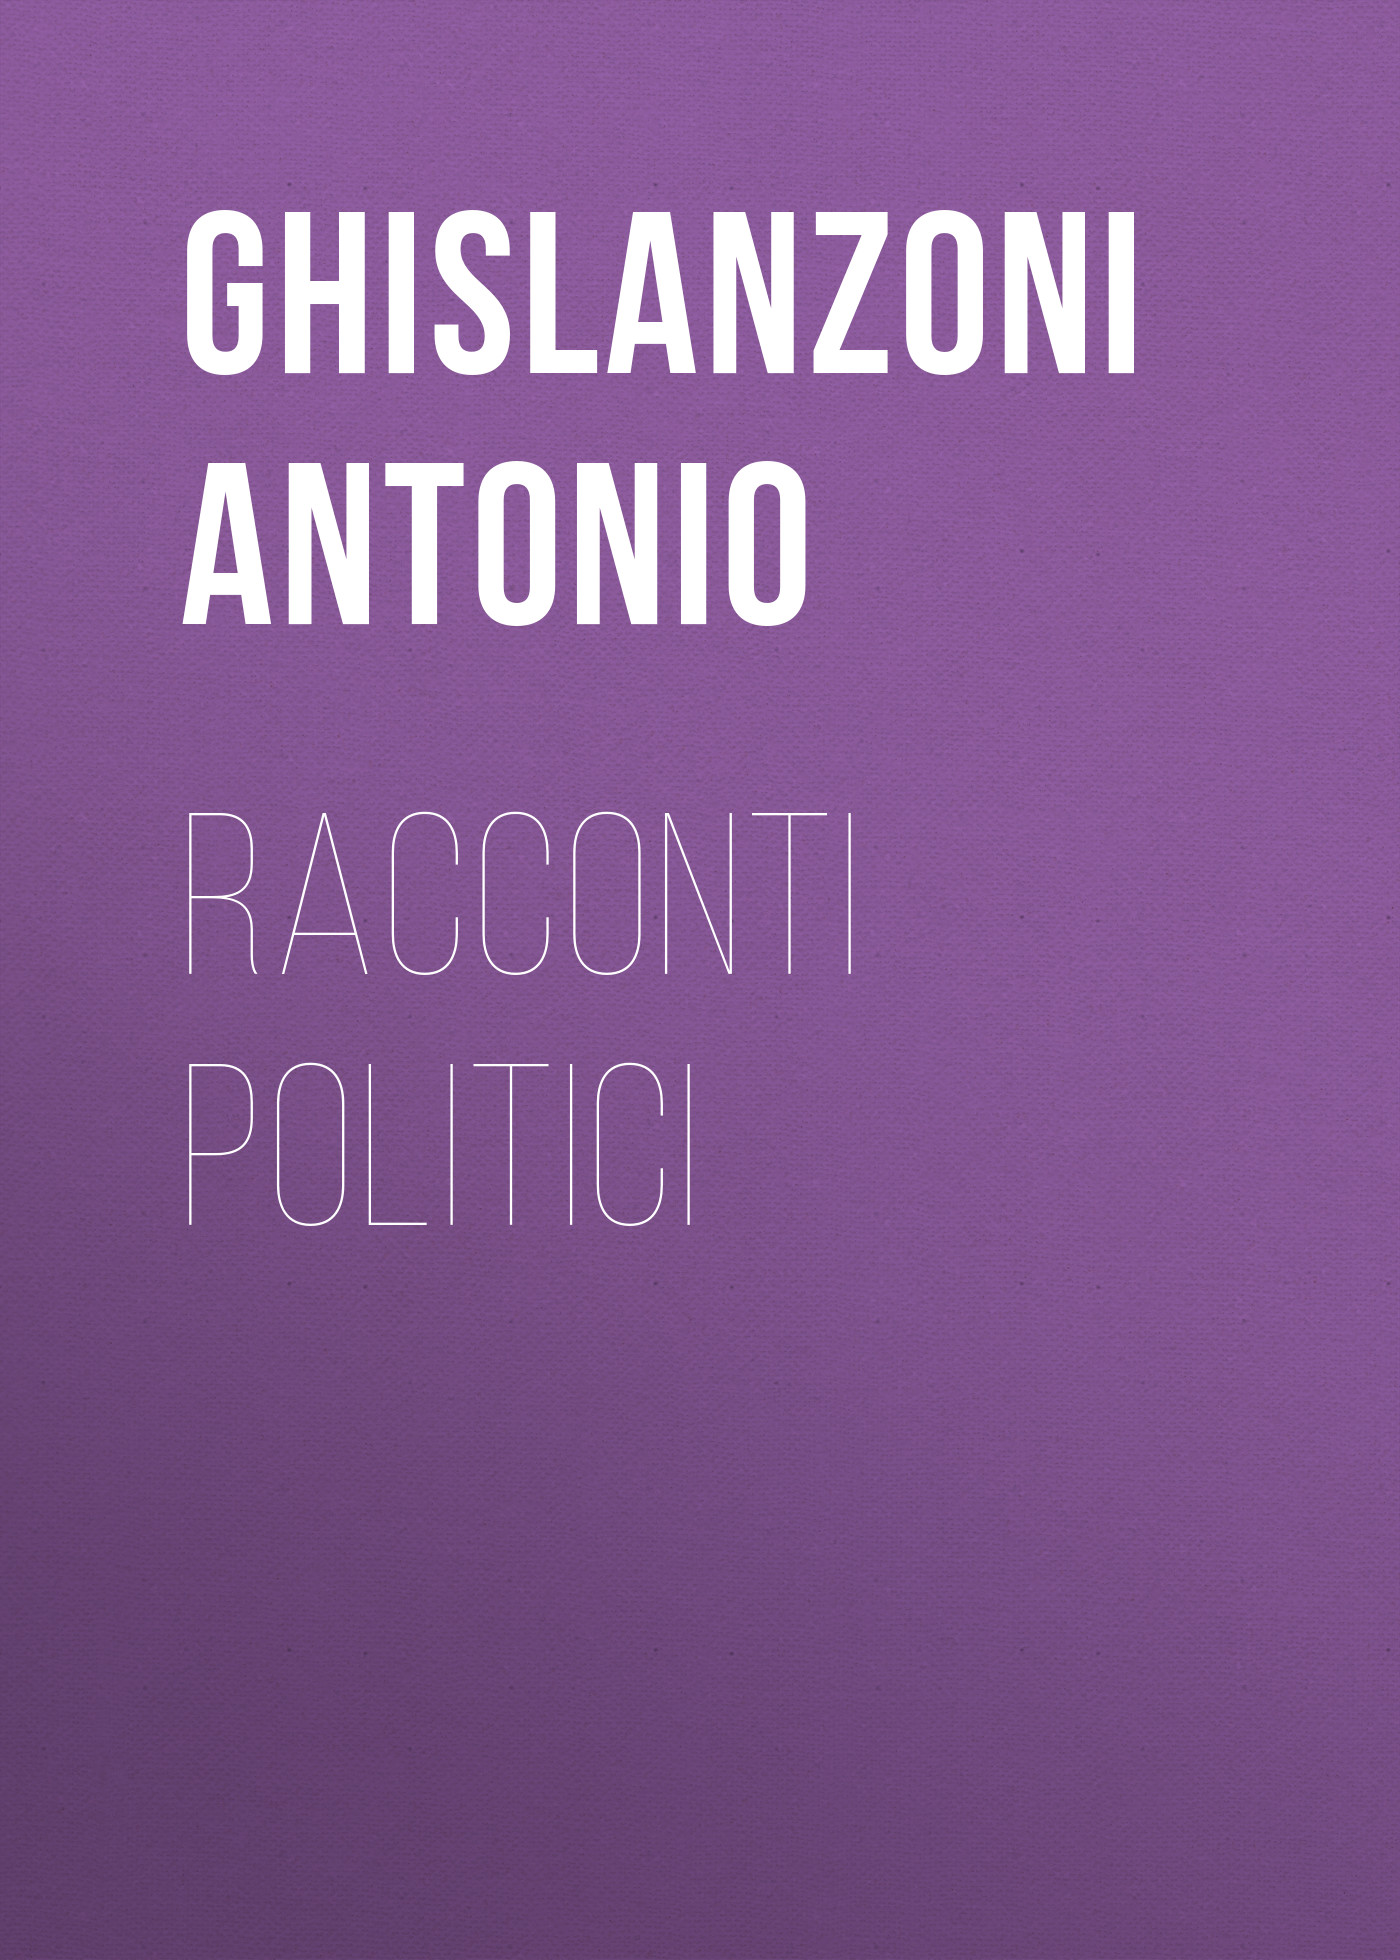 Ghislanzoni Antonio Racconti politici ghislanzoni antonio racconti e novelle